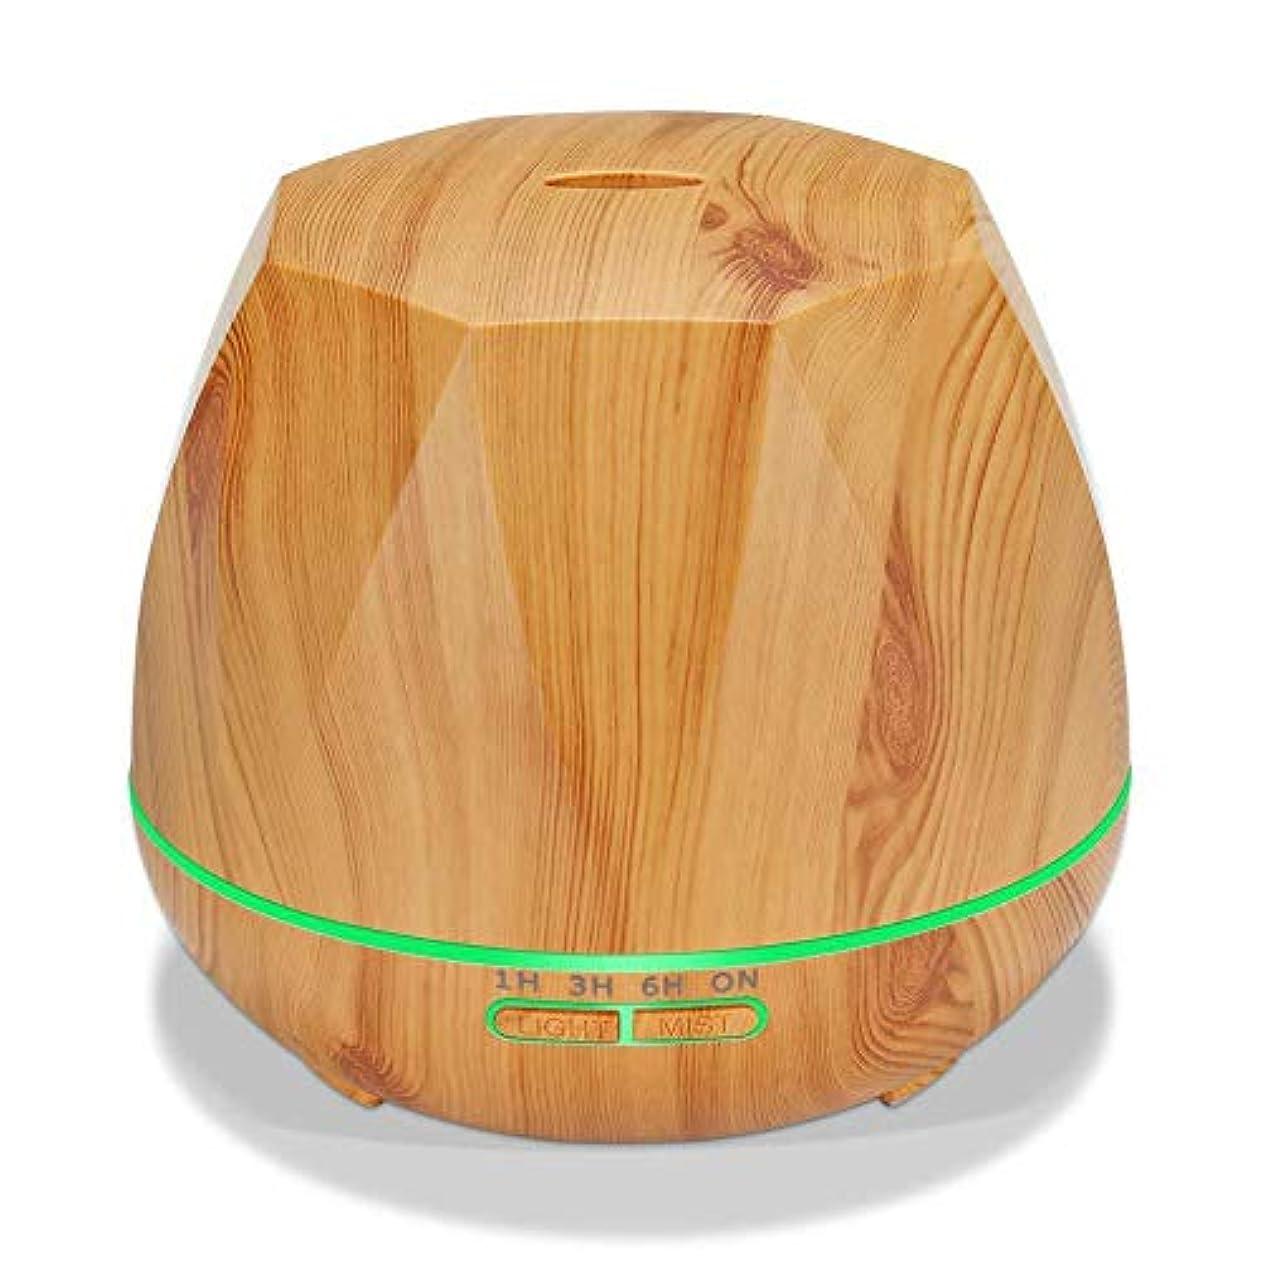 育成スピン杭木目 涼しい霧 加湿器,7 色 空気を浄化 加湿機 時間 デスクトップ 精油 ディフューザー アロマネブライザー Yoga ベッド 寮- 300ml